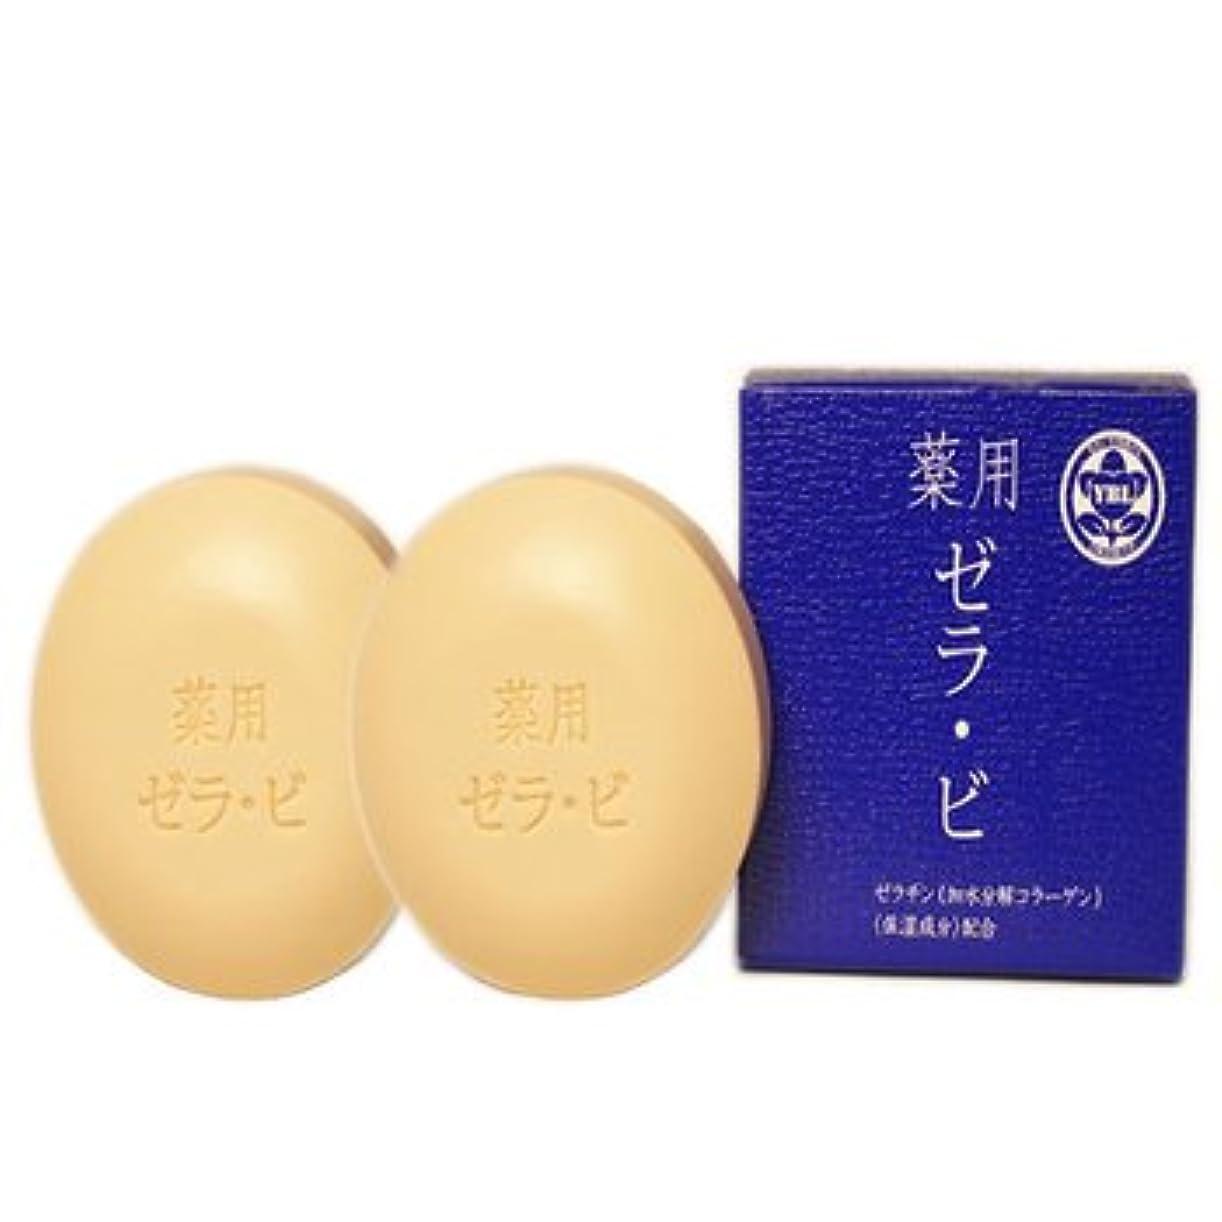 薬用ゼラビ90g×2個セット【医薬部外品】